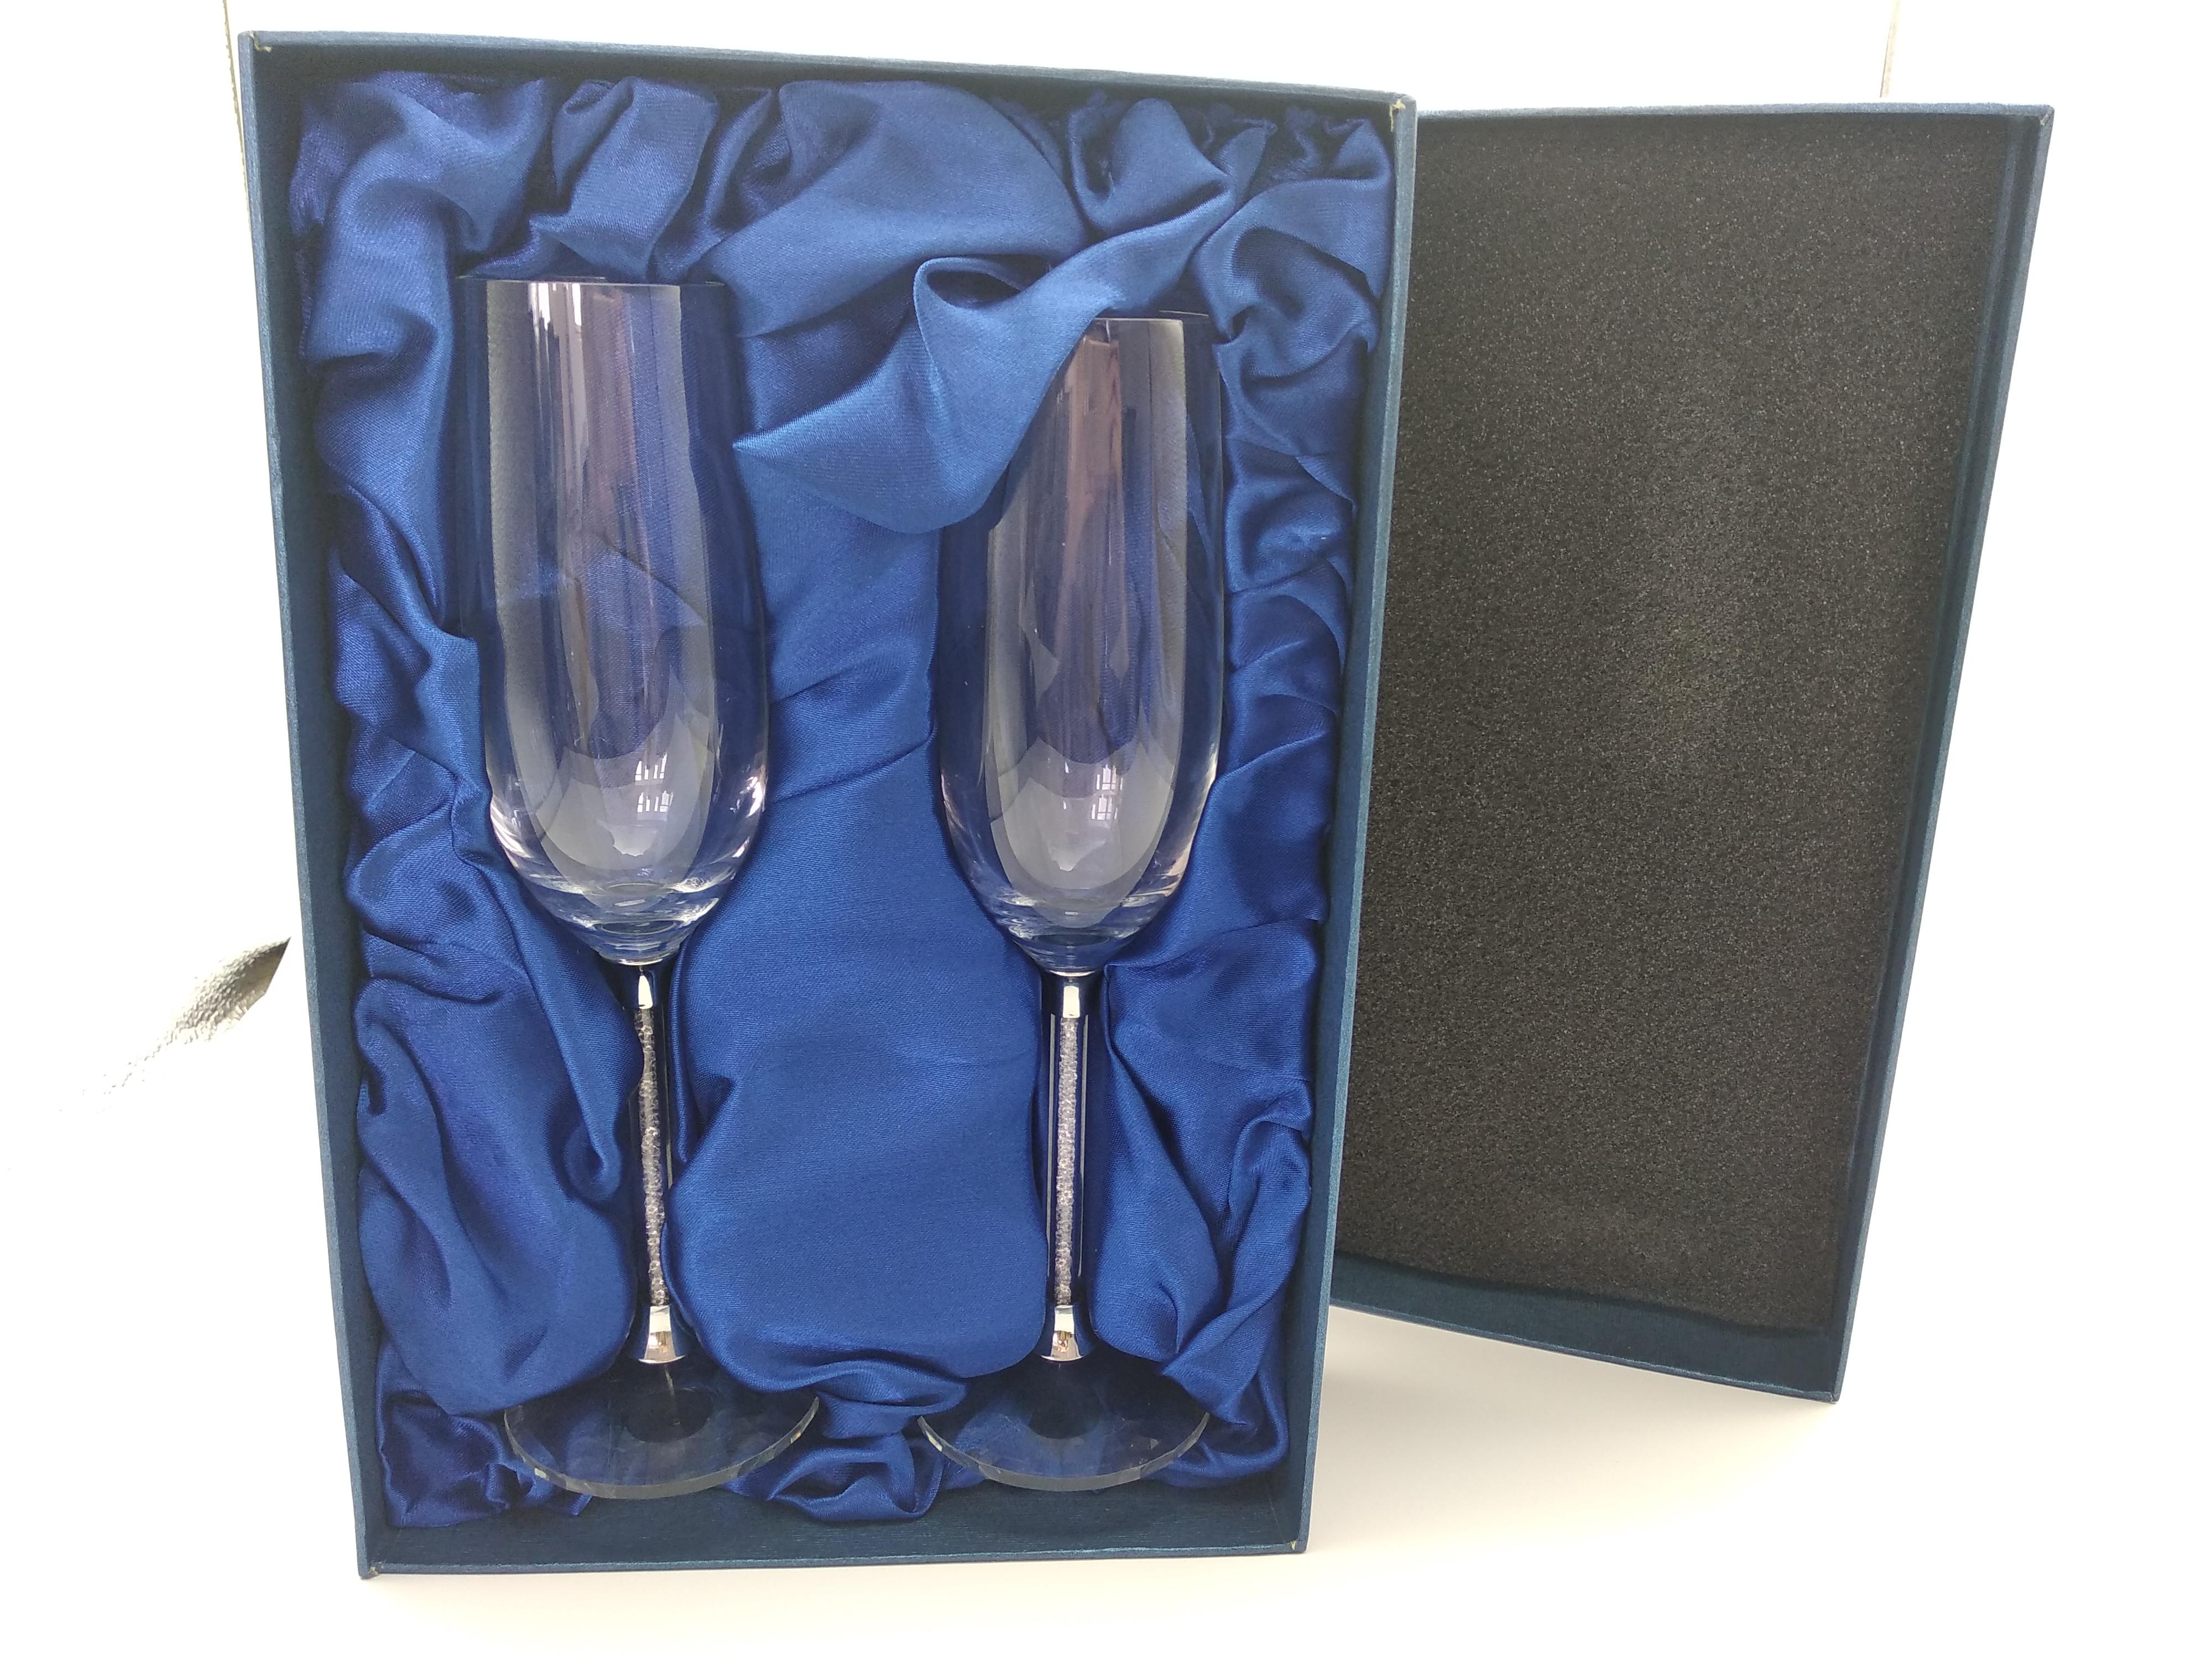 С украшением в виде кристаллов алмаза бокал шампанского очки, превосходный набор в подарочной коробке, изготовленным на заказ логосом Шампанский флейт